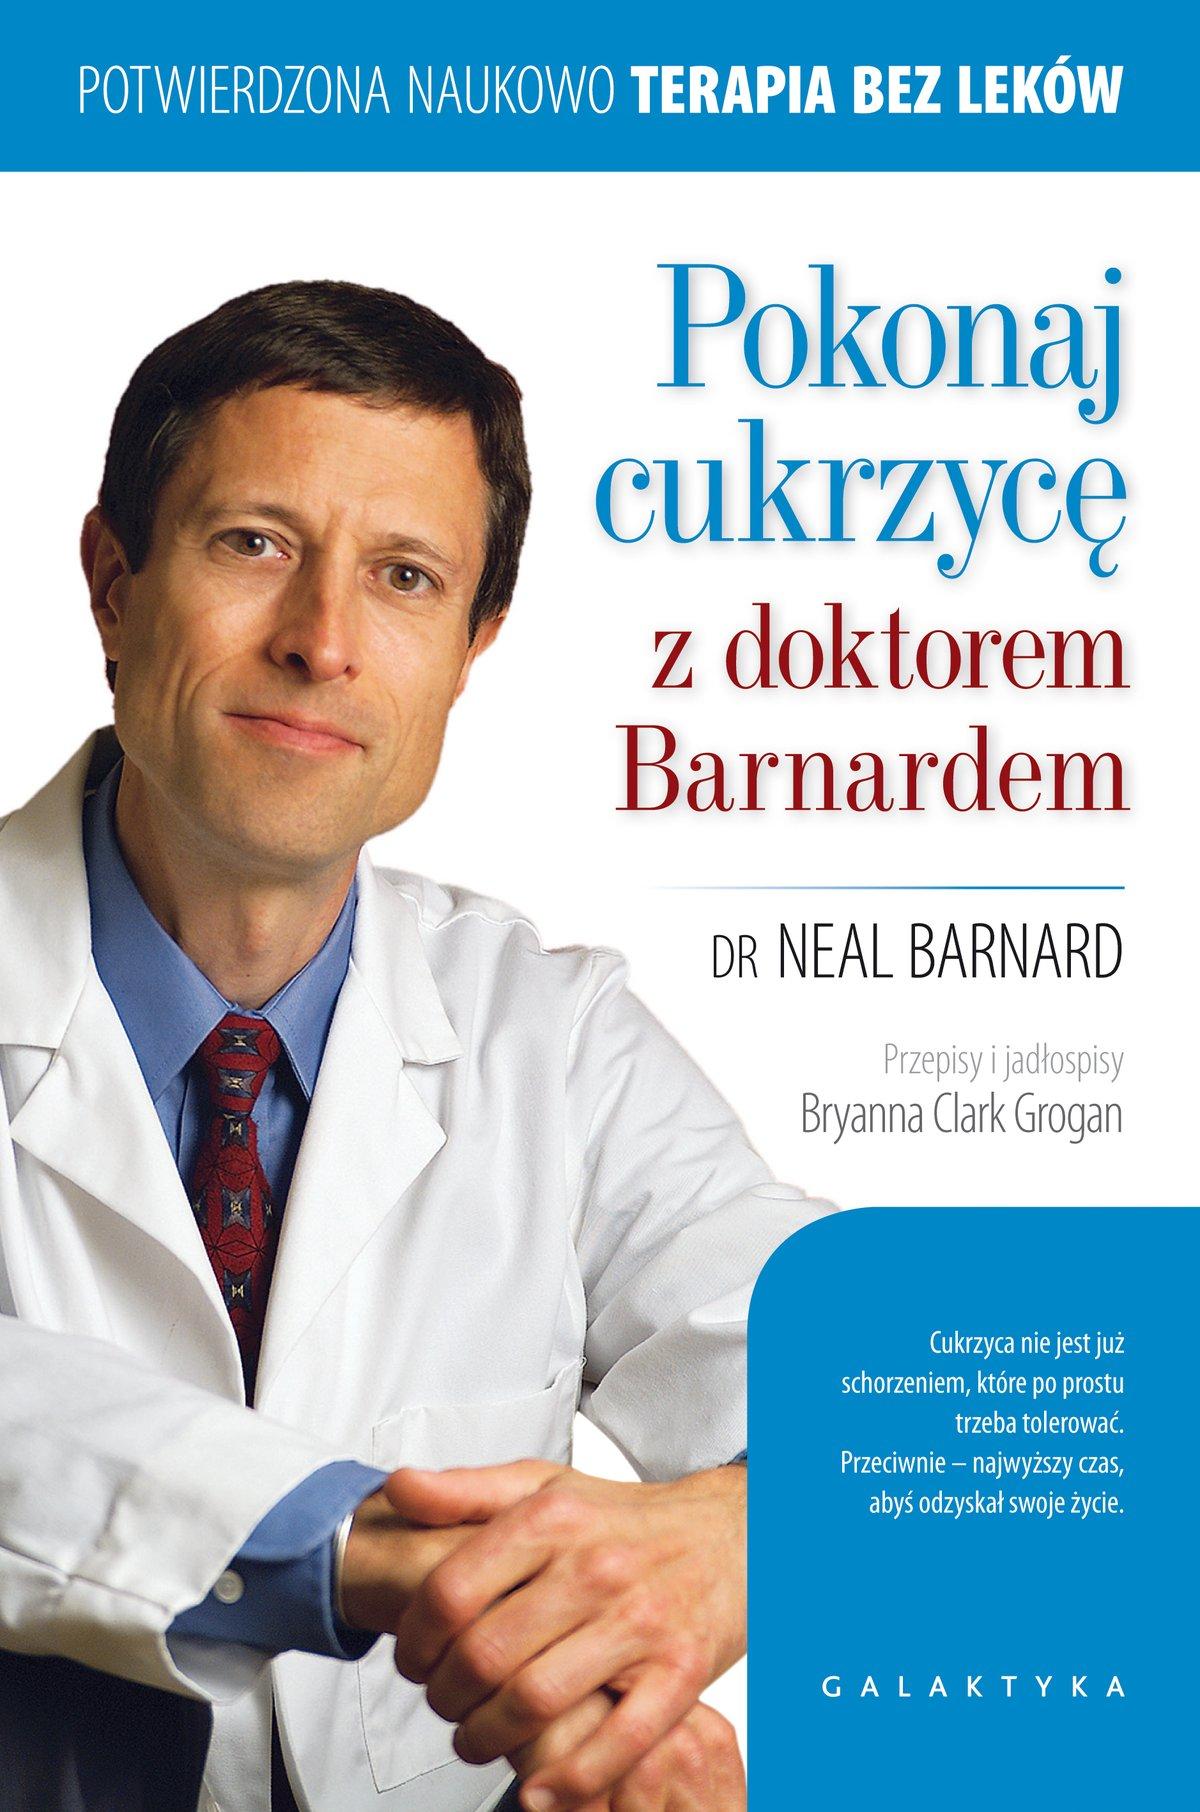 Pokonaj cukrzycę z doktorem Barnardem - Ebook (Książka na Kindle) do pobrania w formacie MOBI